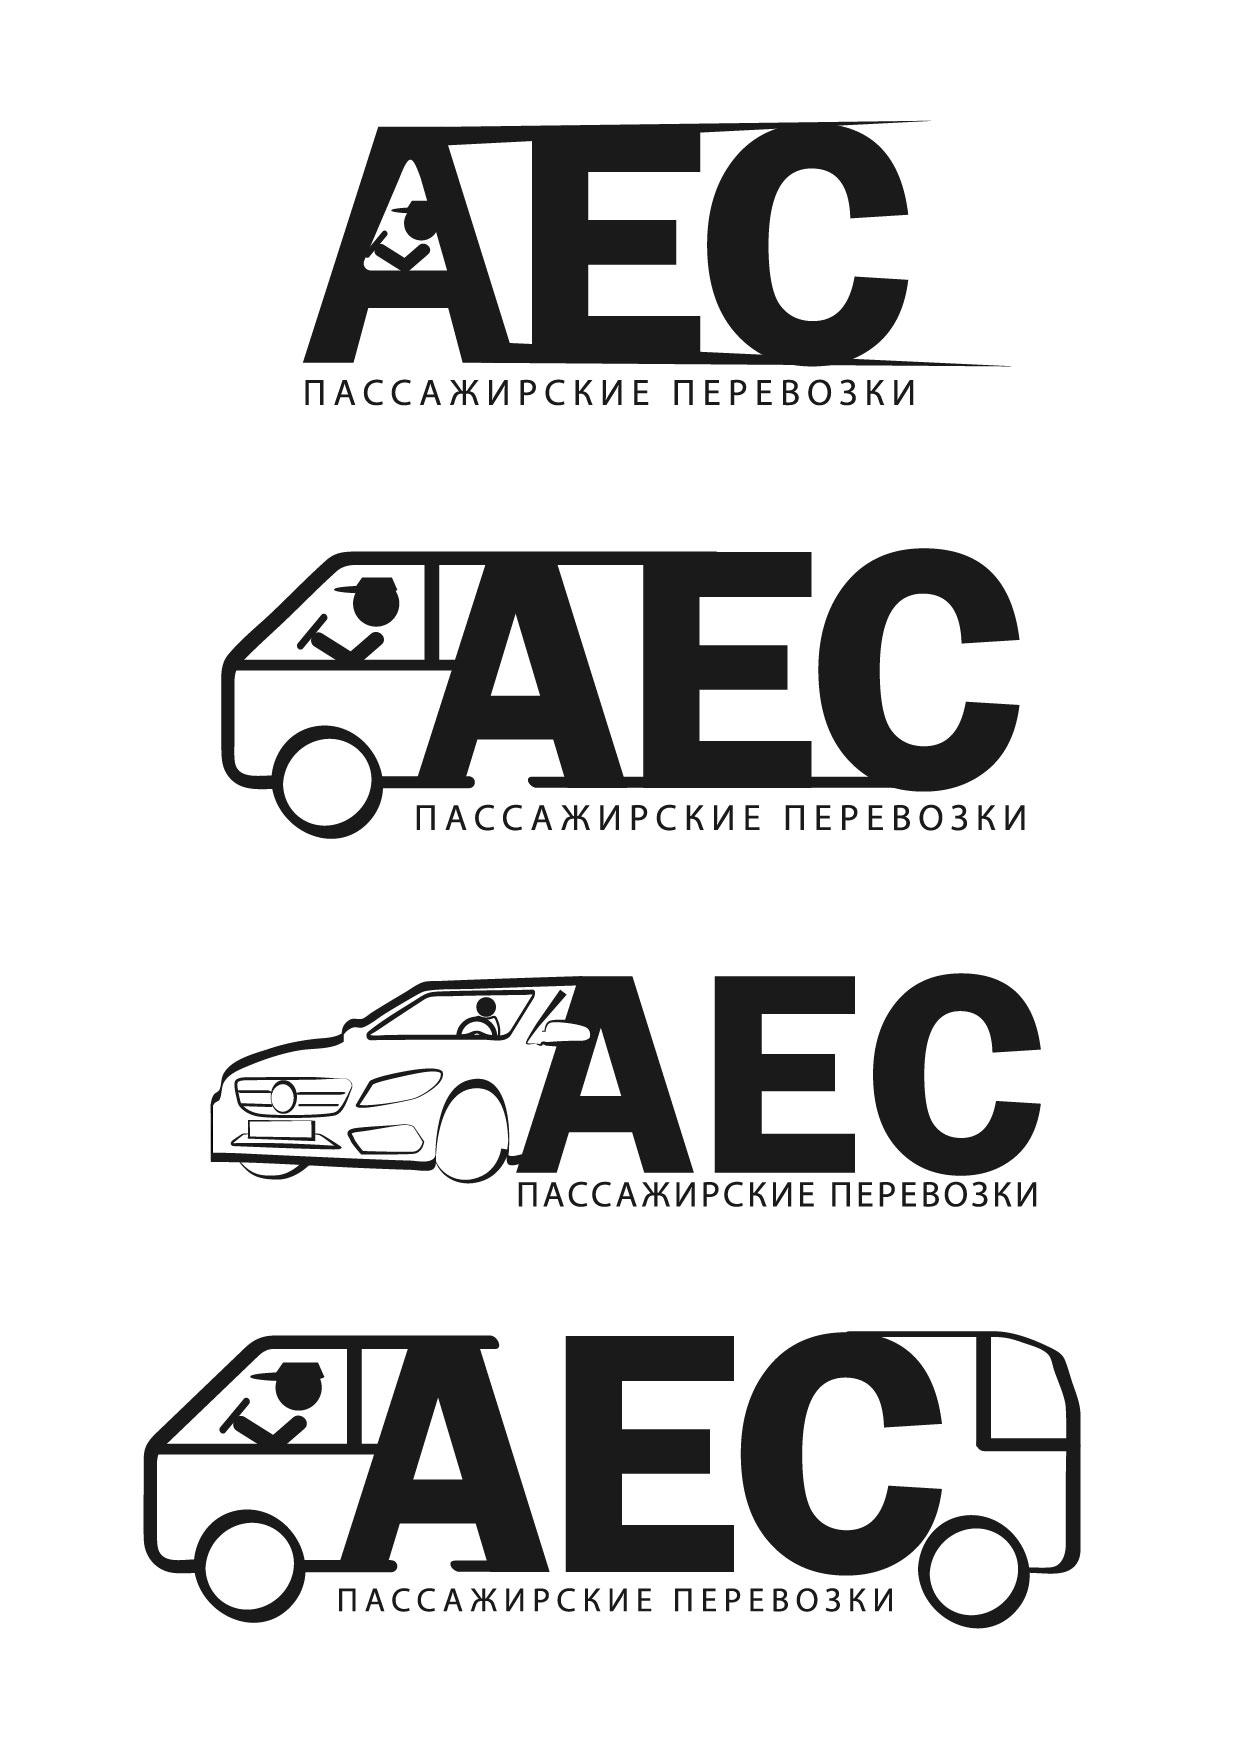 Разработка логотипа автомобильной компании фото f_8935d5268b36bf51.jpg